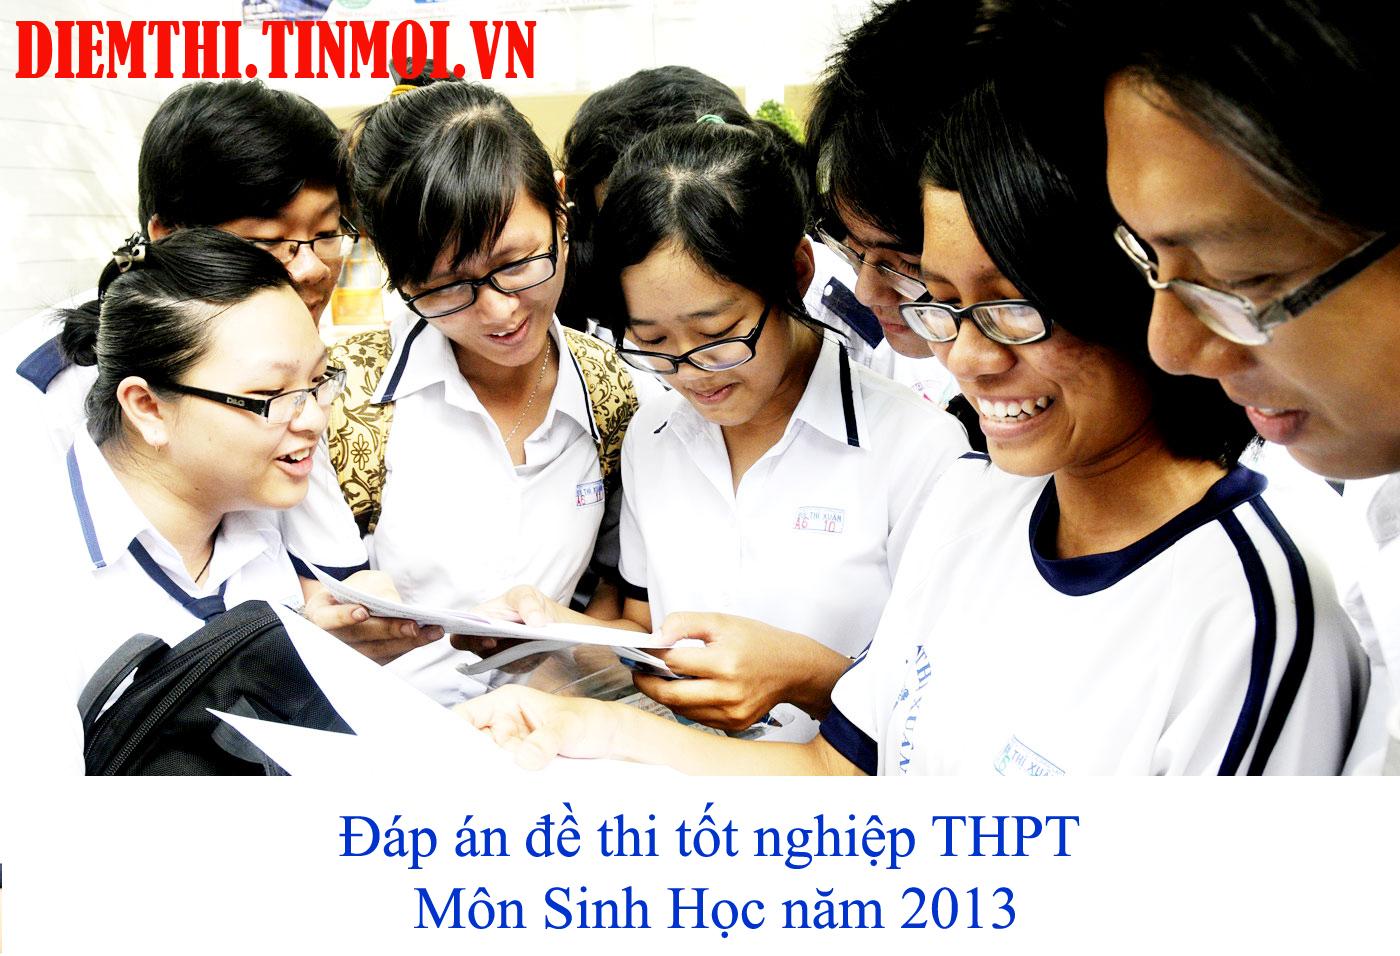 Hình ảnh Đề thi tốt nghiệp THPT môn Sinh học năm 2013 - Mã đề 381, 469, 924 (Đang update) số 13